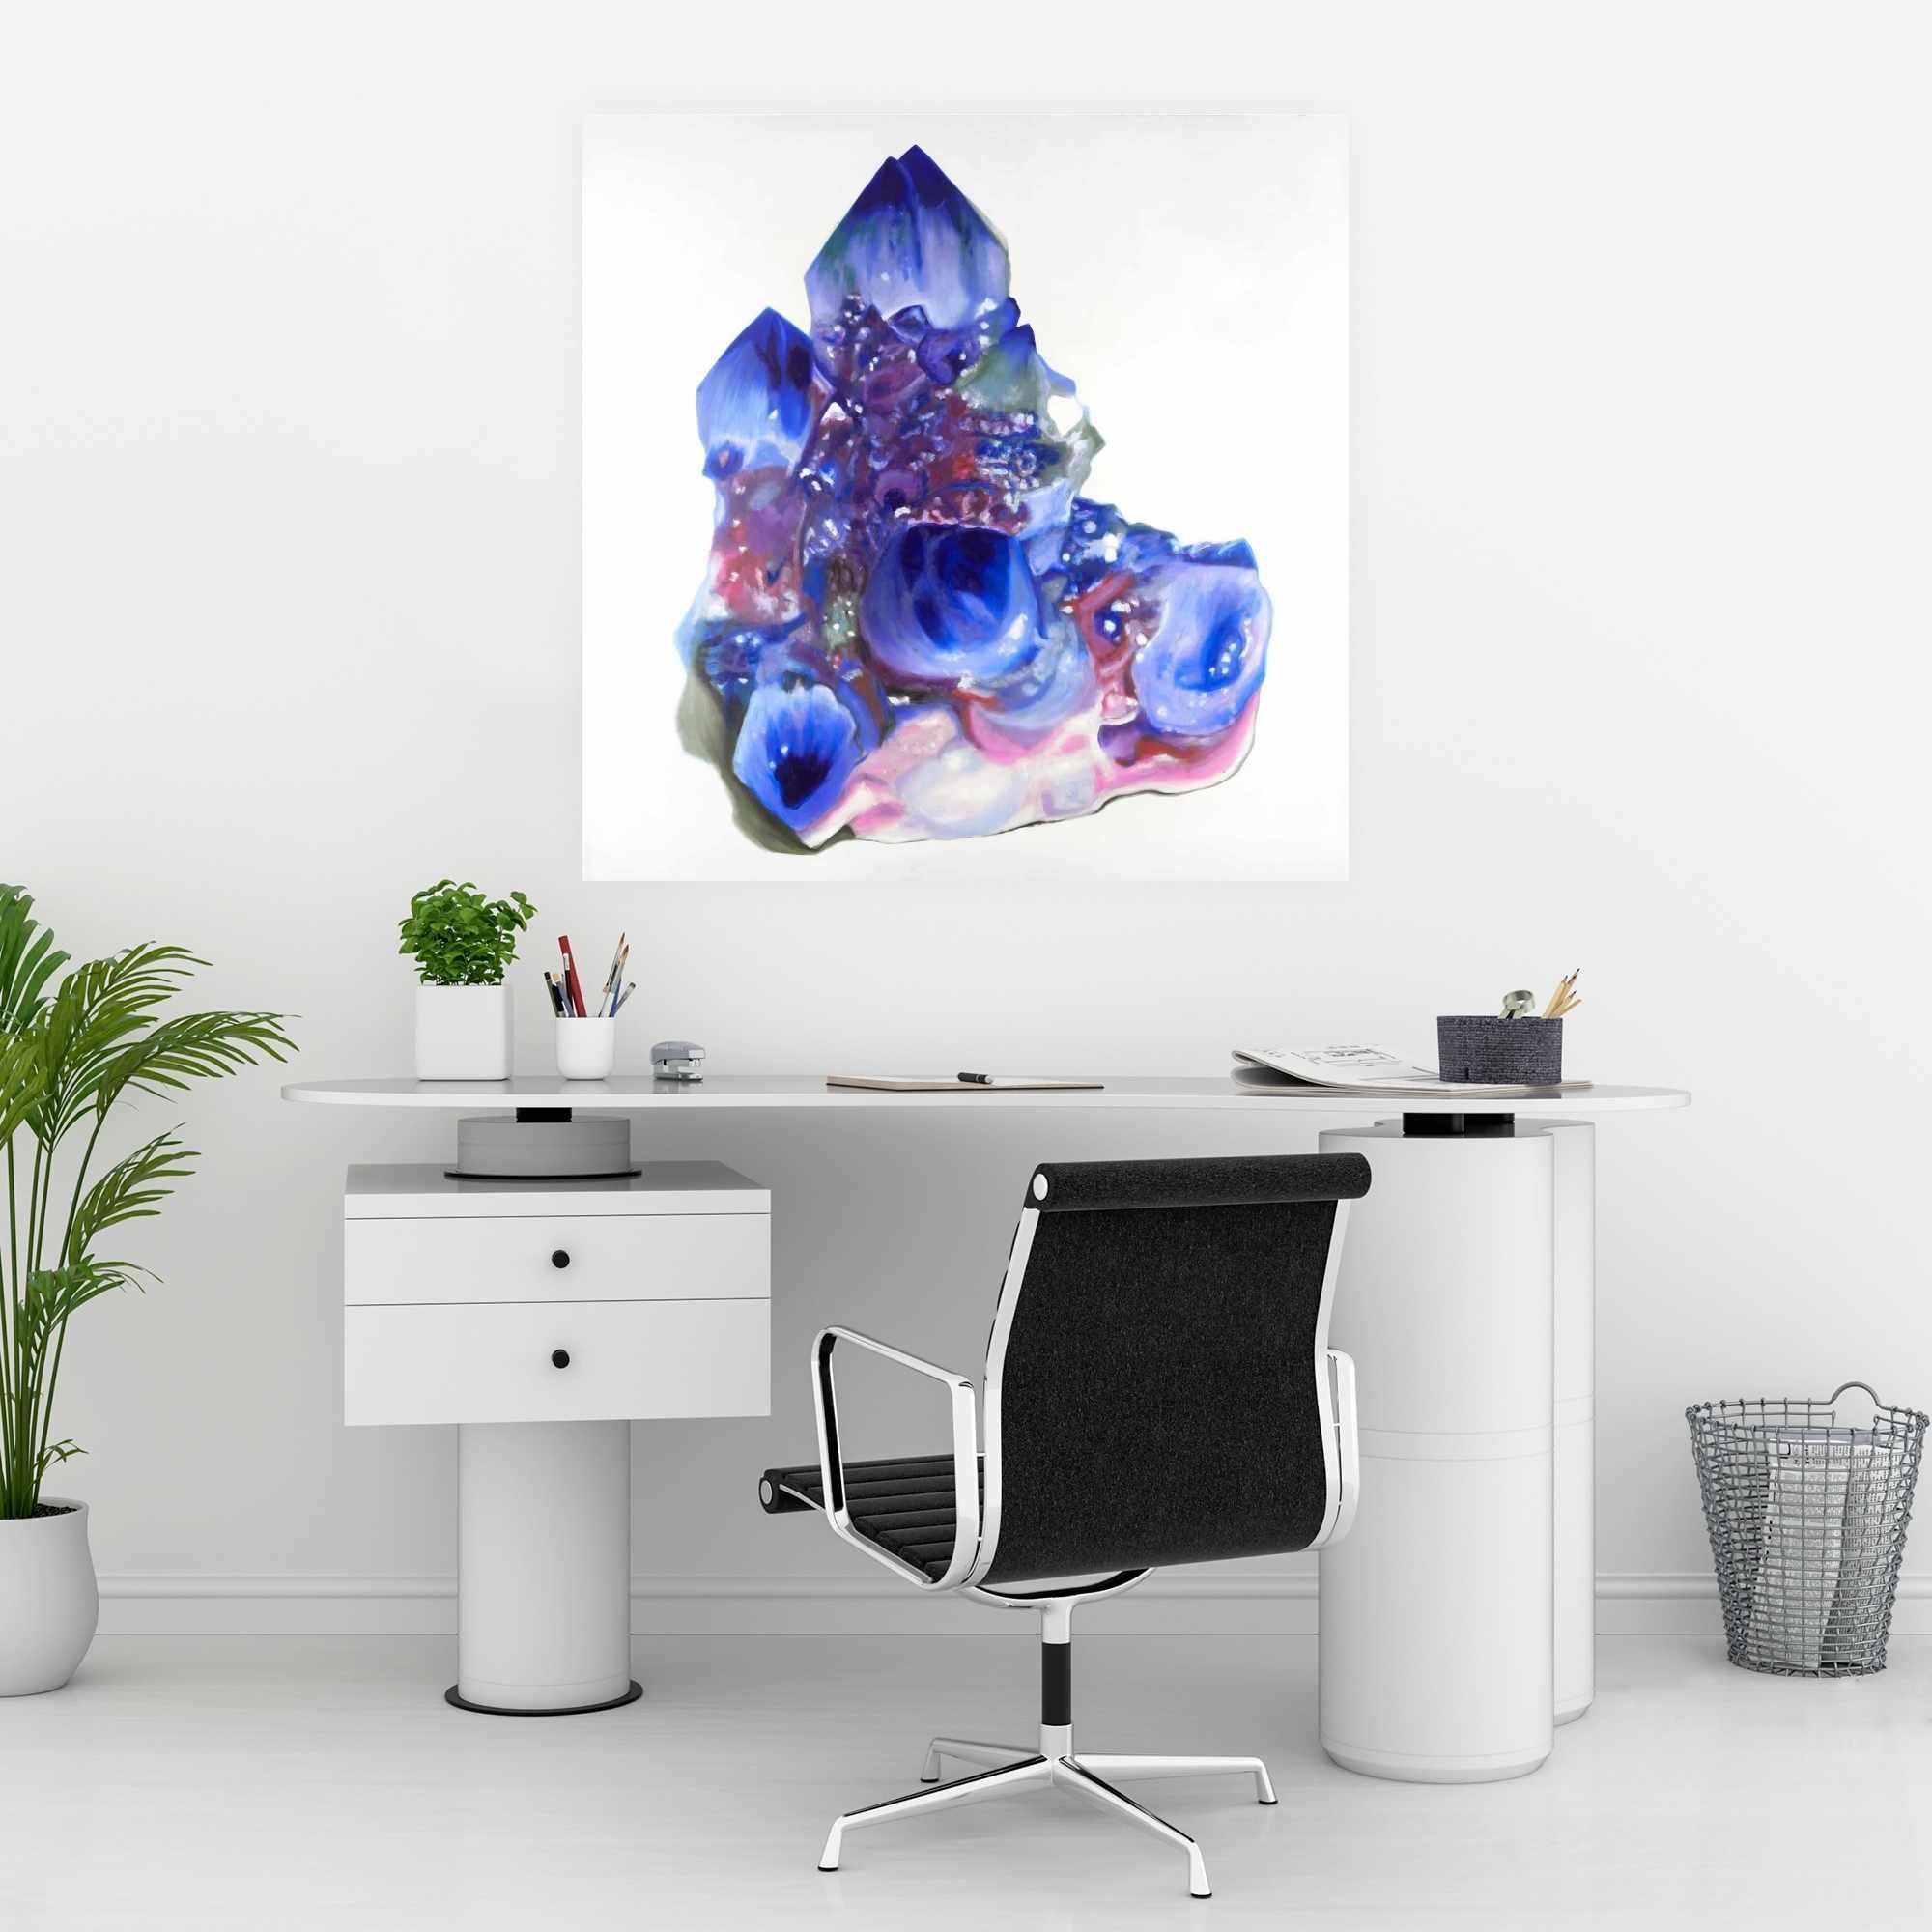 Poster 30 x 30 - Blue and purple quartz cristal